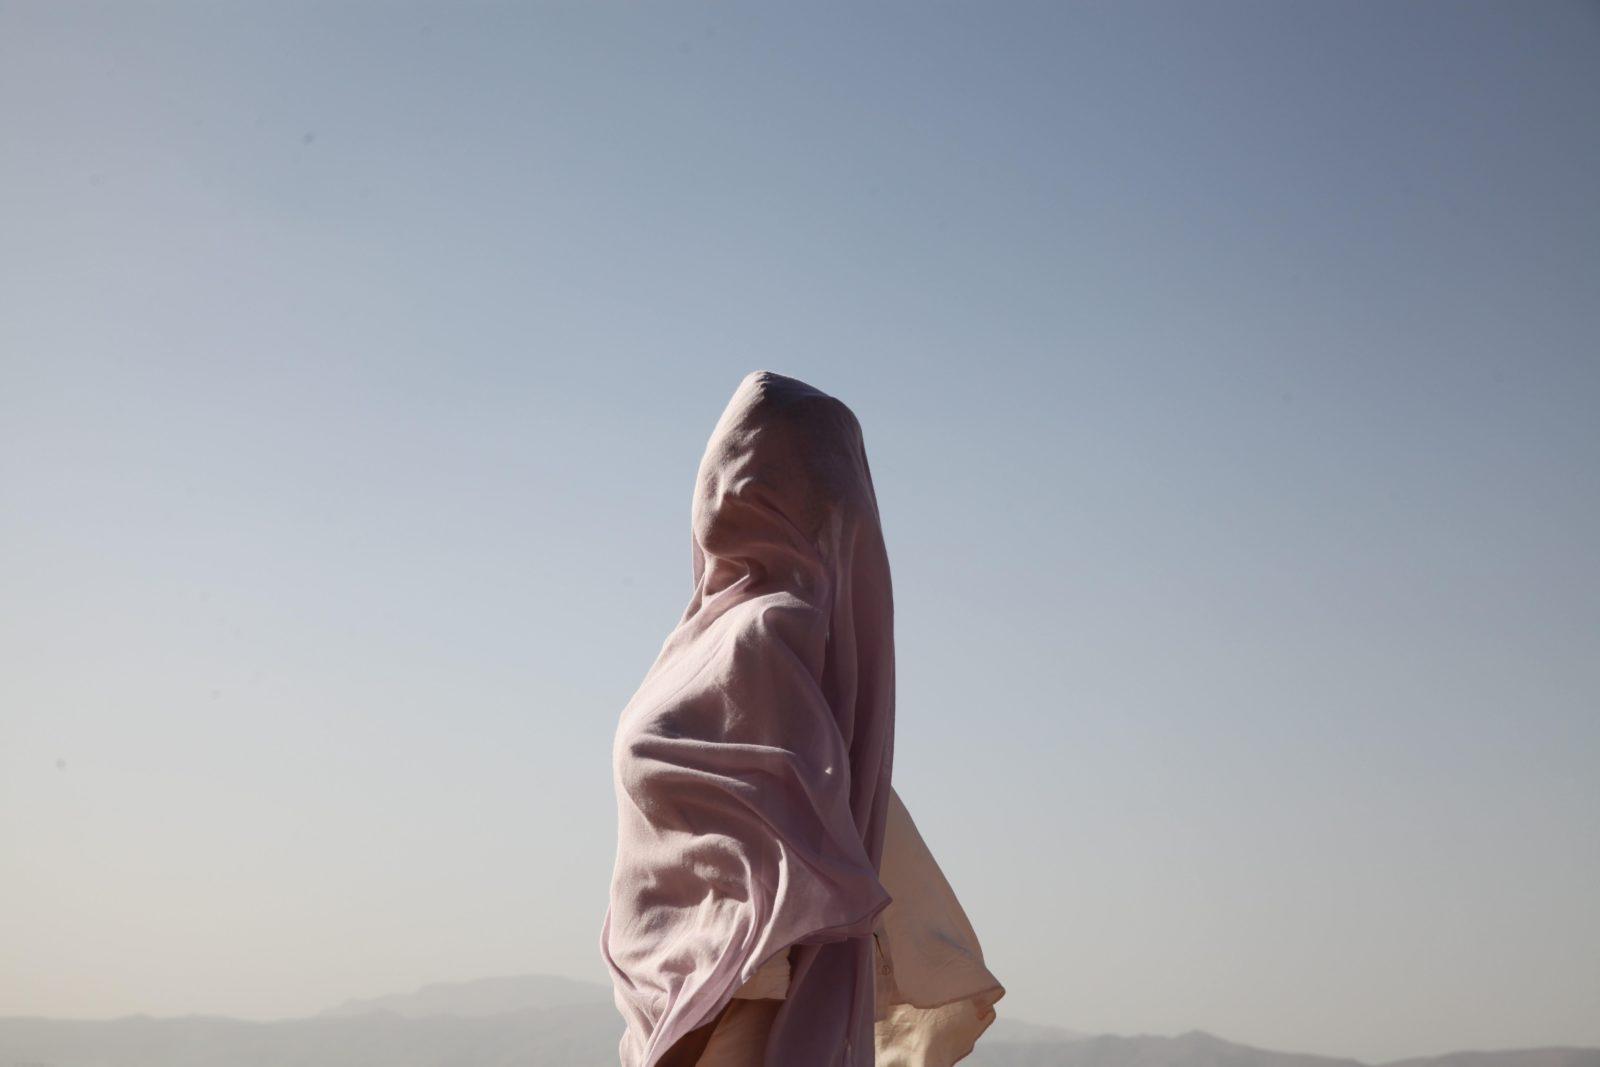 Mentrix offre, à travers son album My Enemy, My Love, une vision positive, poétique et mystique de l'Iran